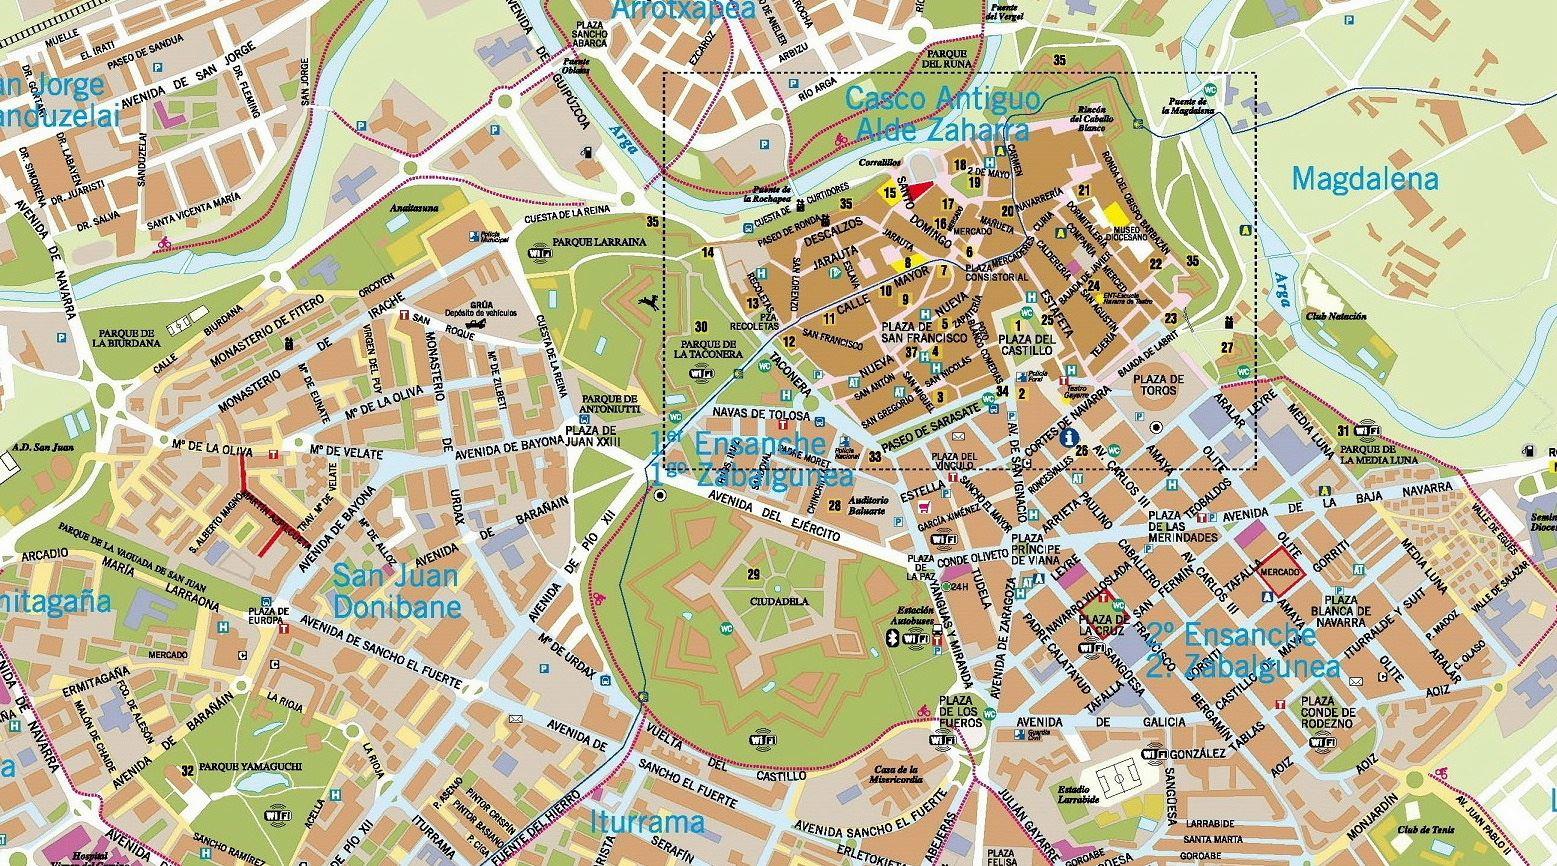 Подробная карта Памплоны